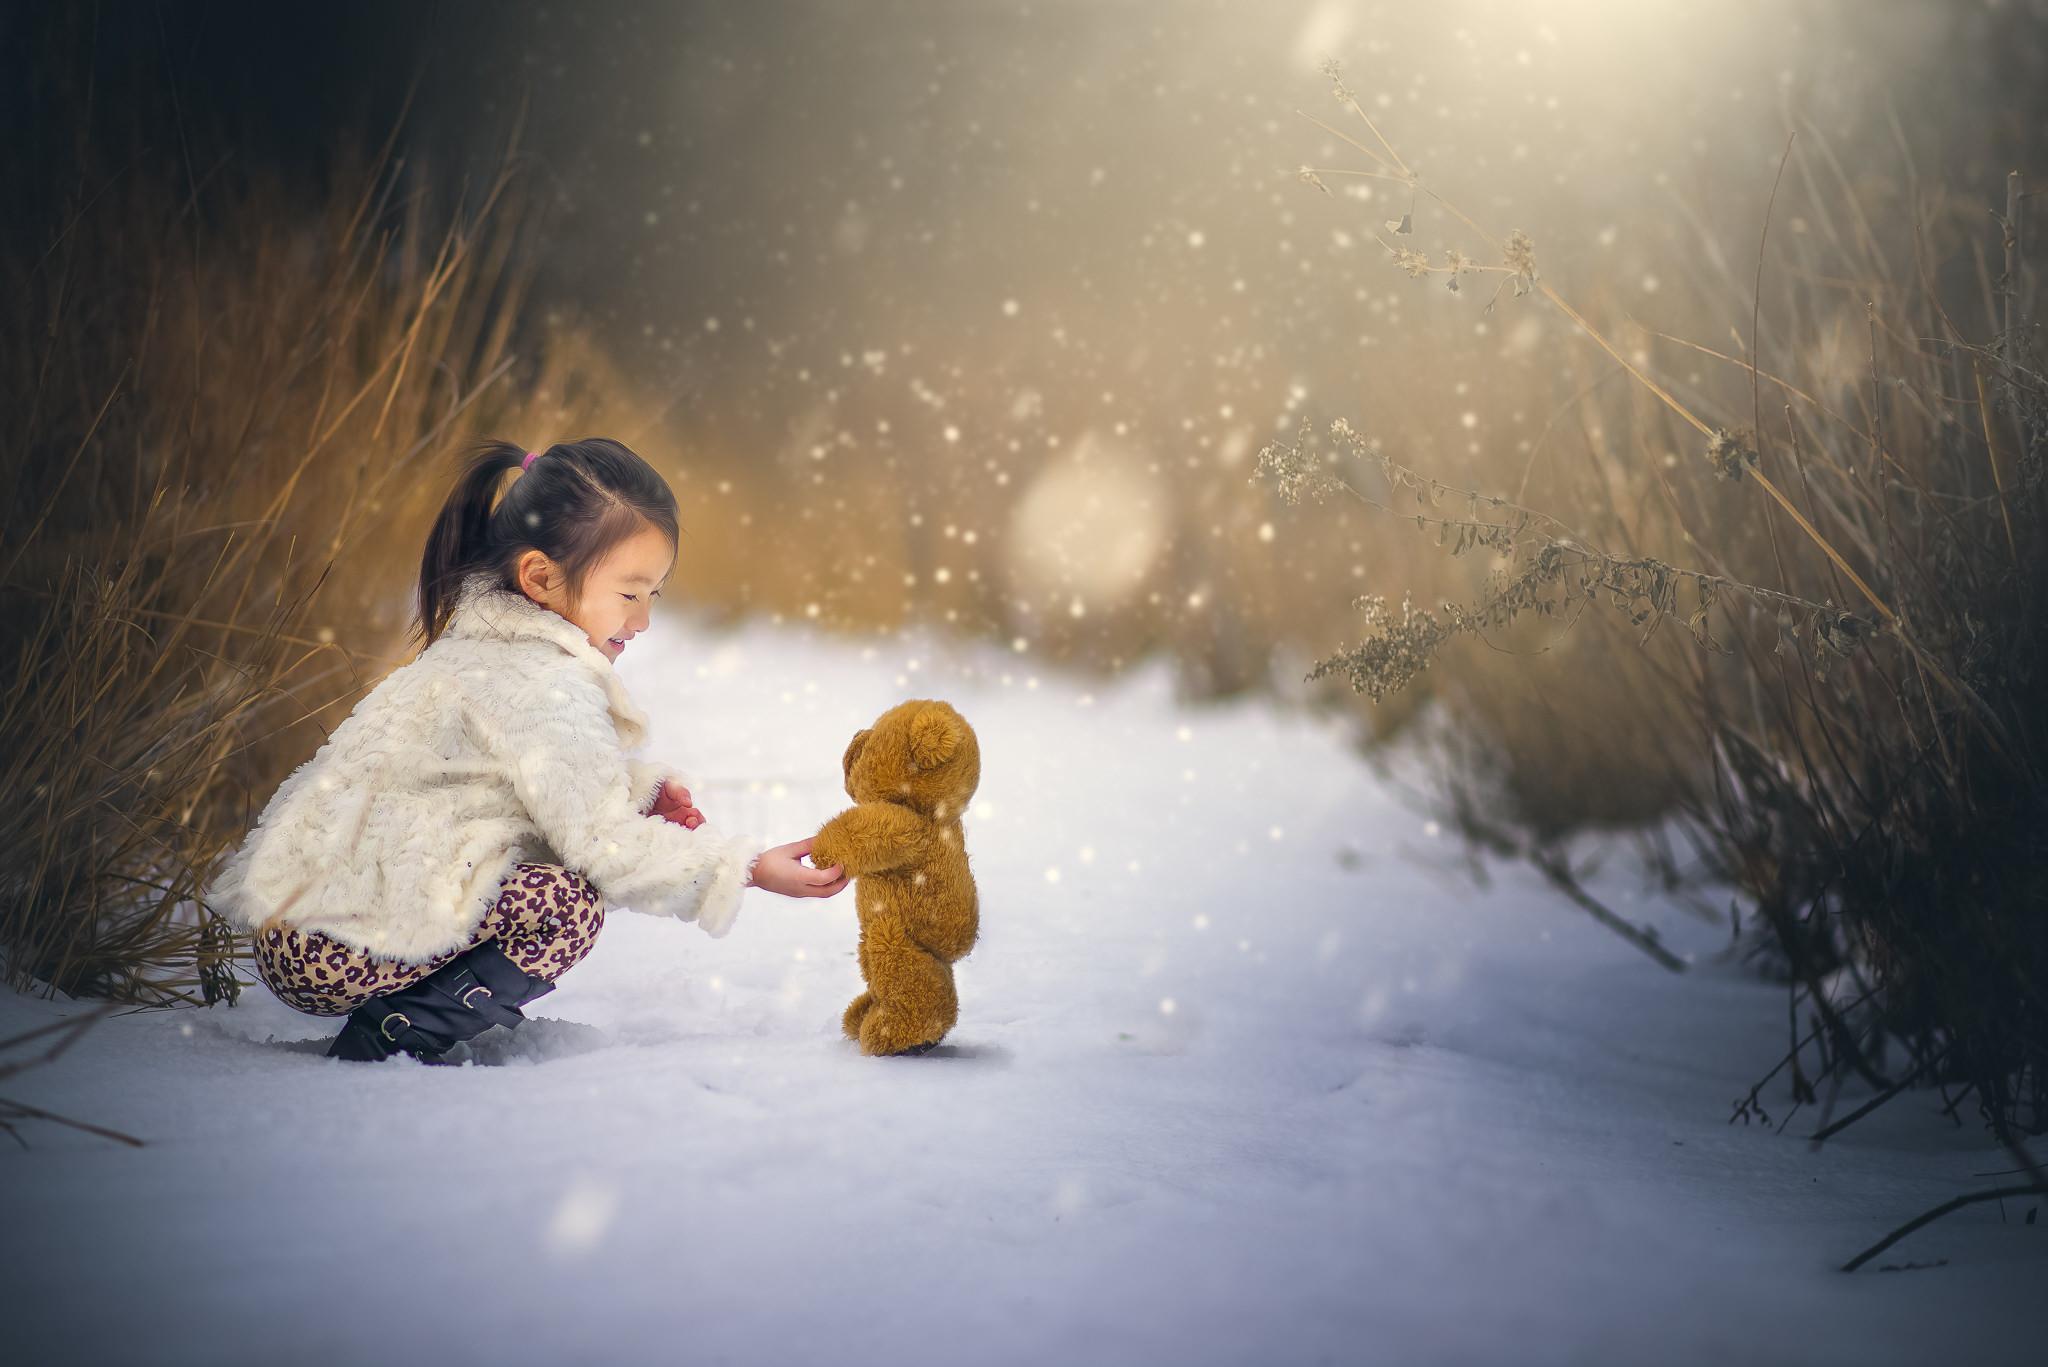 Картинка: Девочка, игрушка, мишка, снег, зима, трава